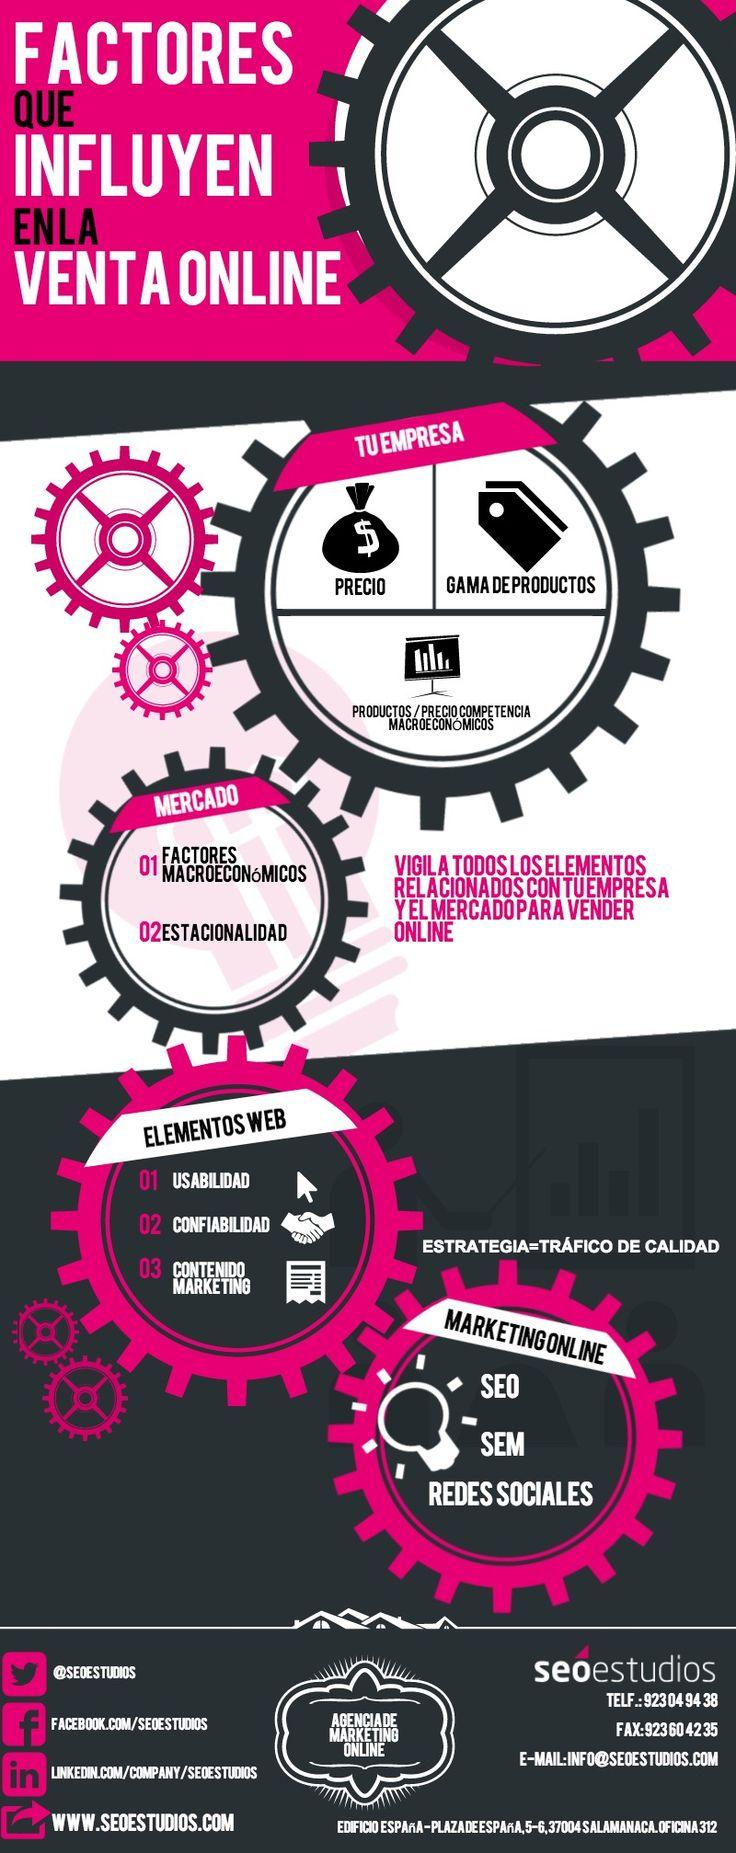 Cómo aumentar las ventas online.  Factores que influyen #marketing